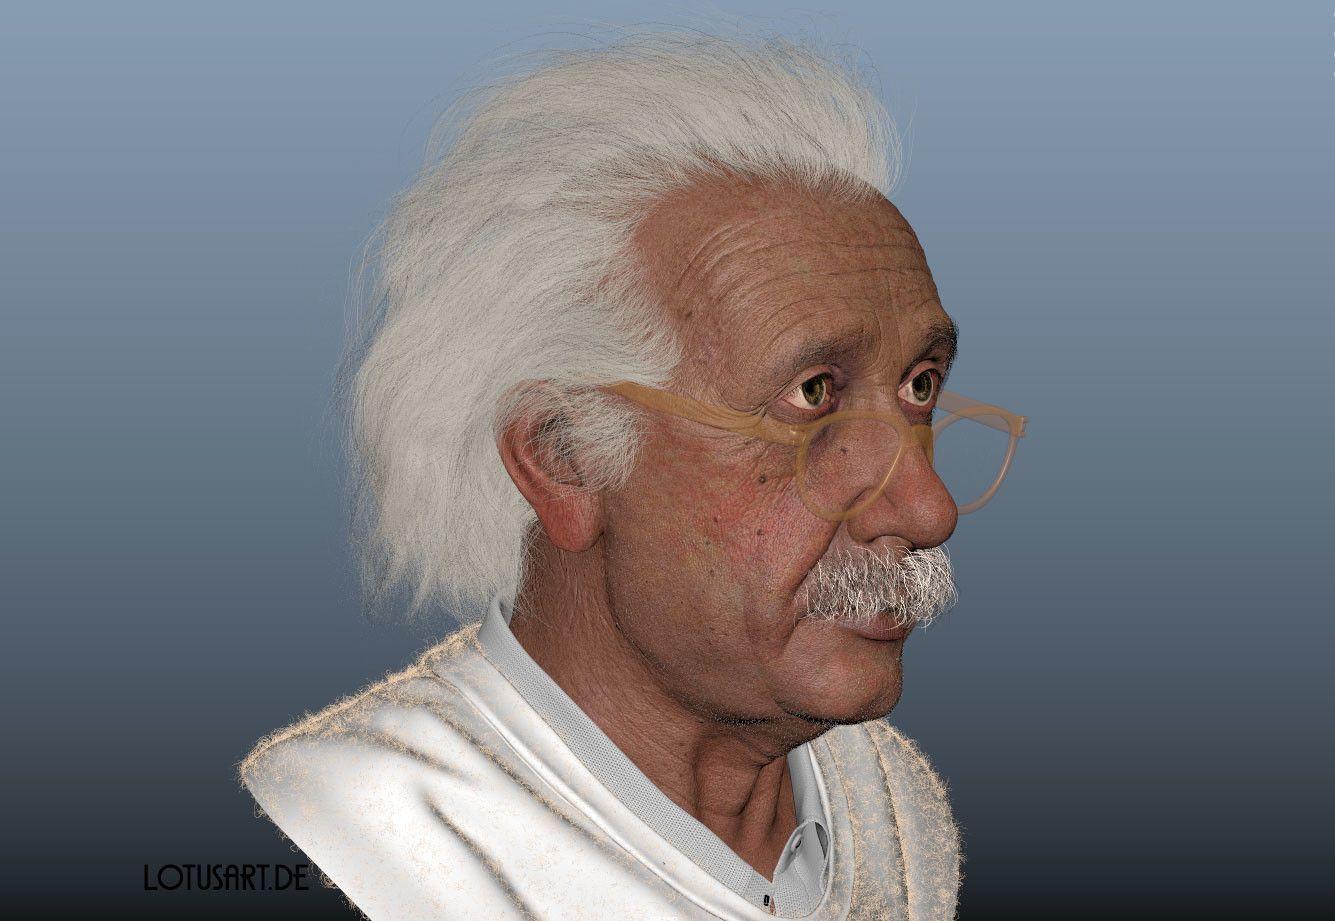 alexander-beim-alberteinstein-lotusart-alexanderbeim-screen-05 Albert Einstein 3D Porträt für ein Hologram